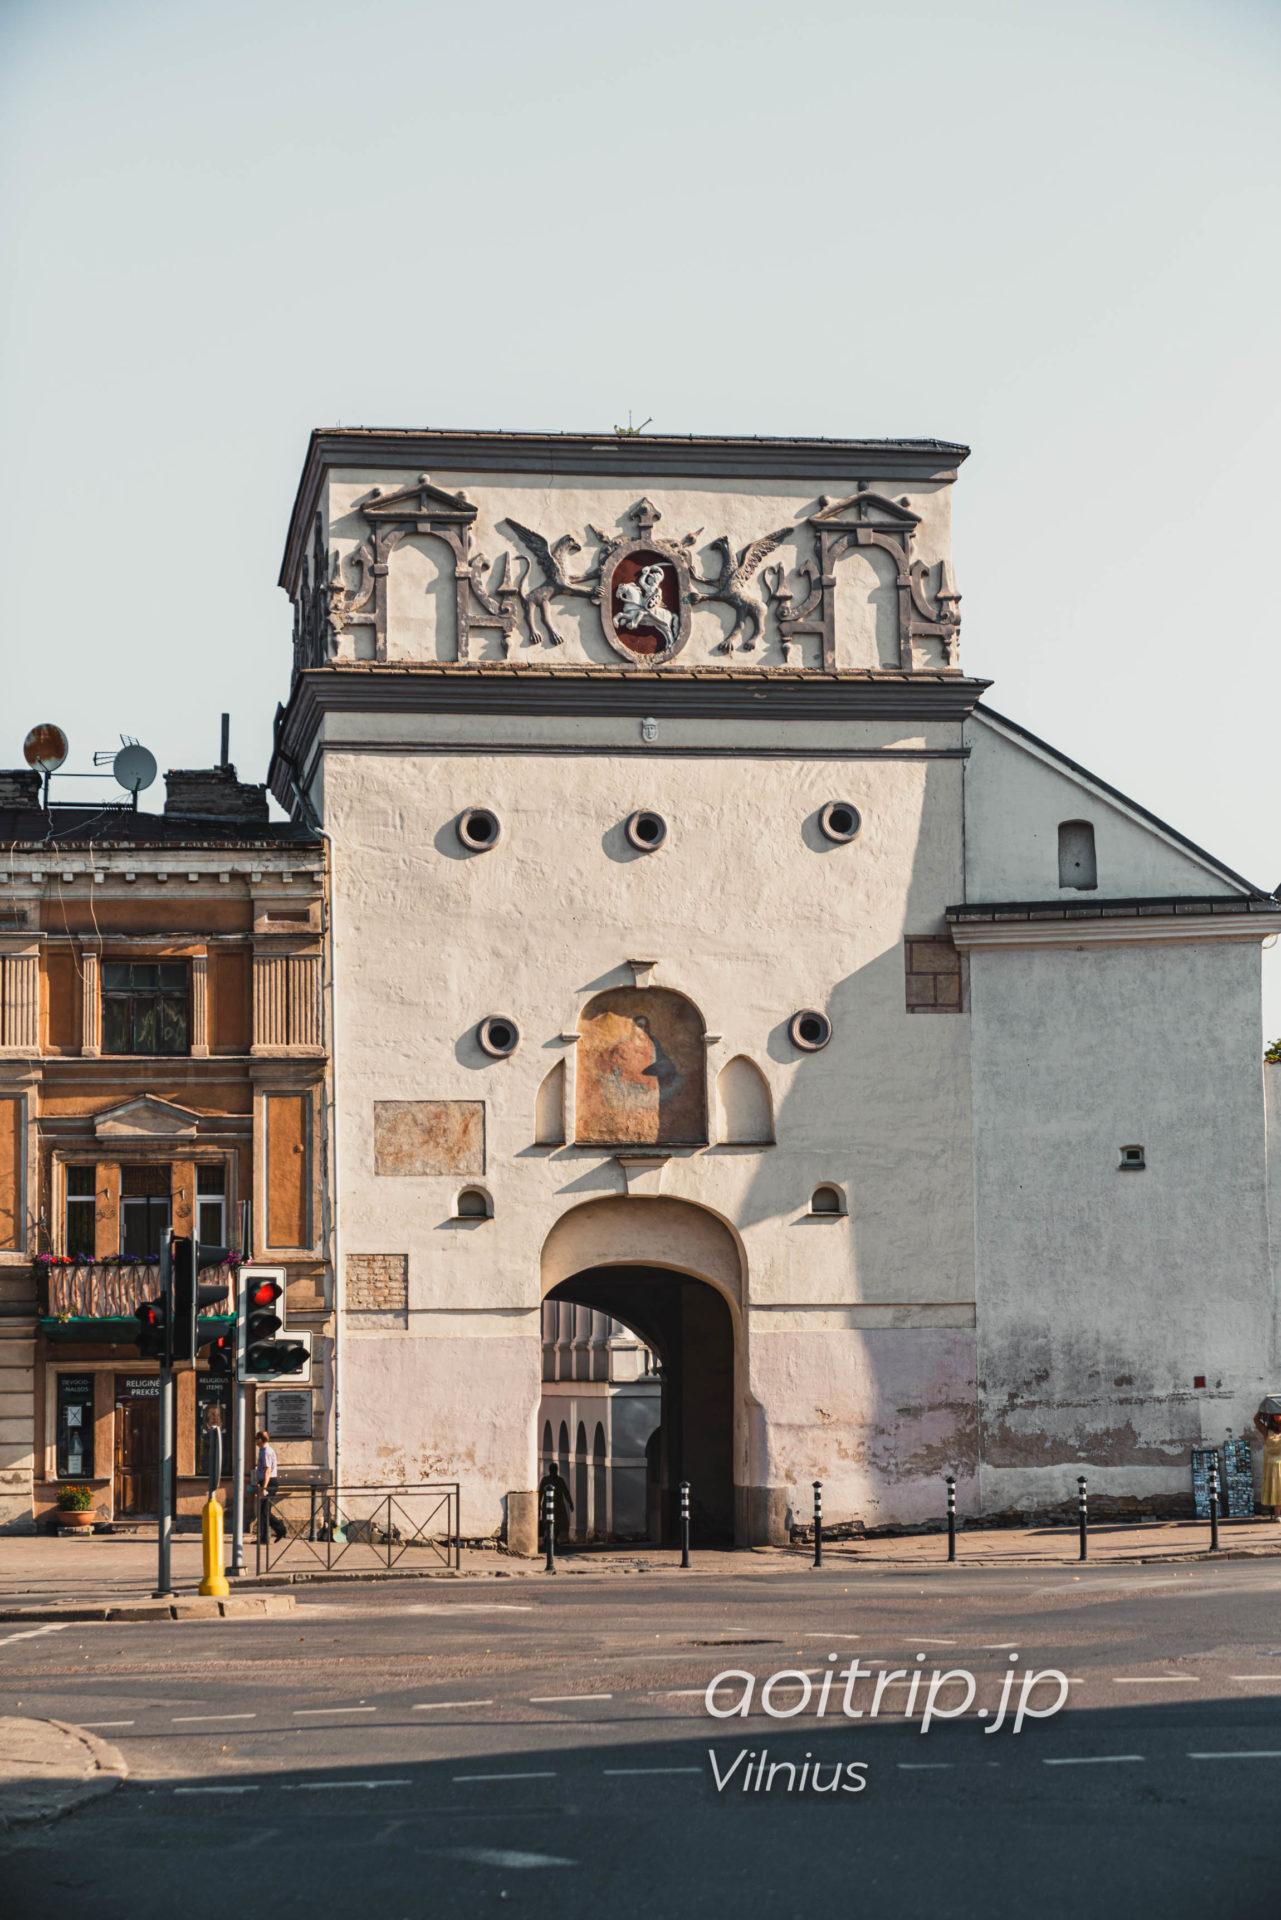 リトアニア ヴィリニュスの夜明けの門